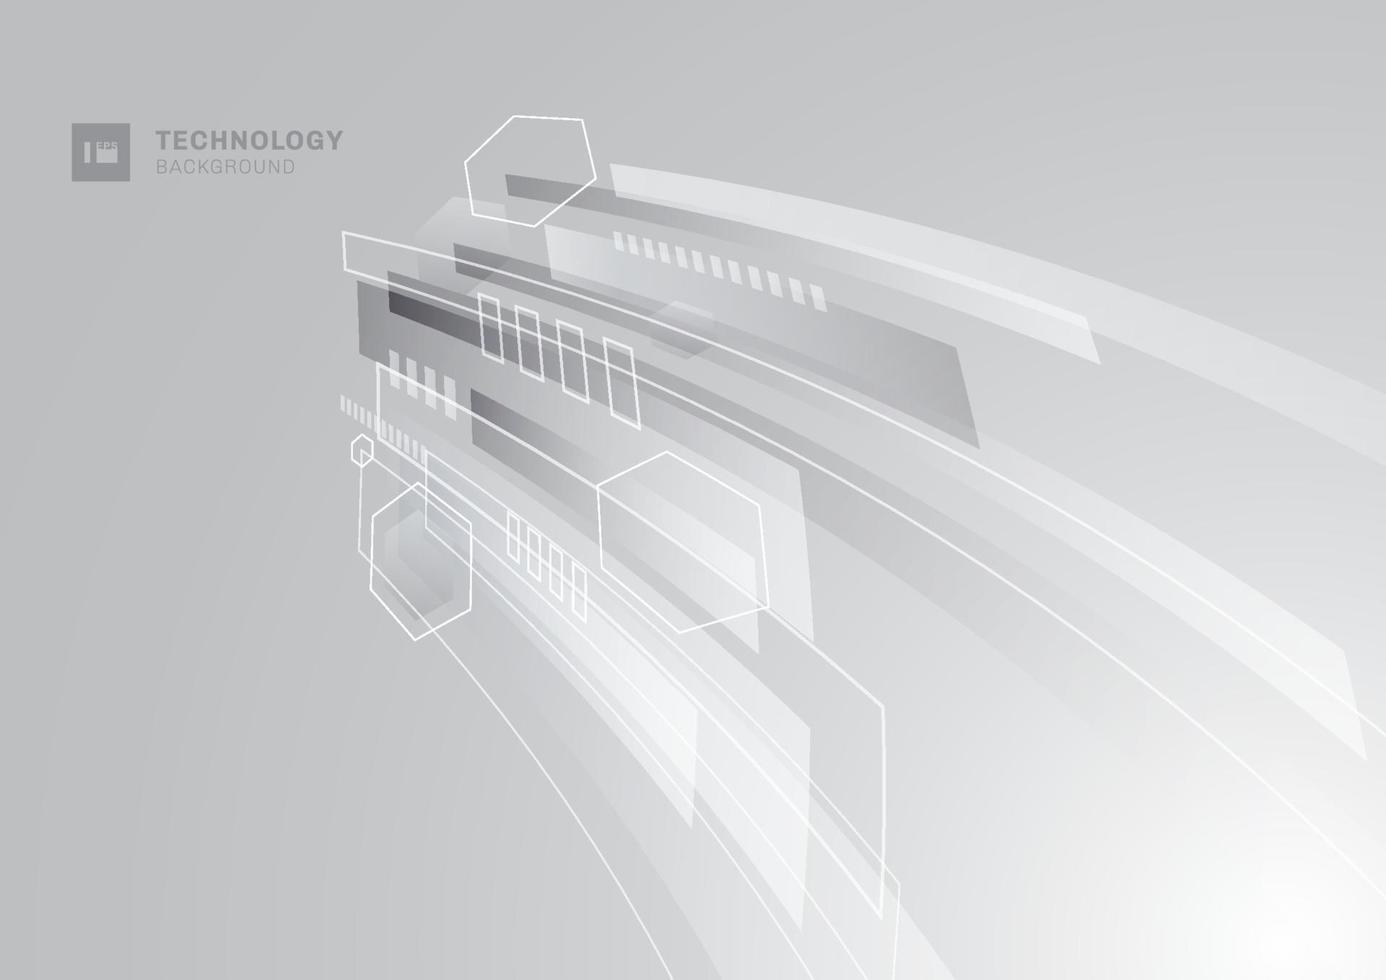 abstrakt teknik koncept. grå och vit geometrisk företagsdesignperspektivbakgrund. vektor